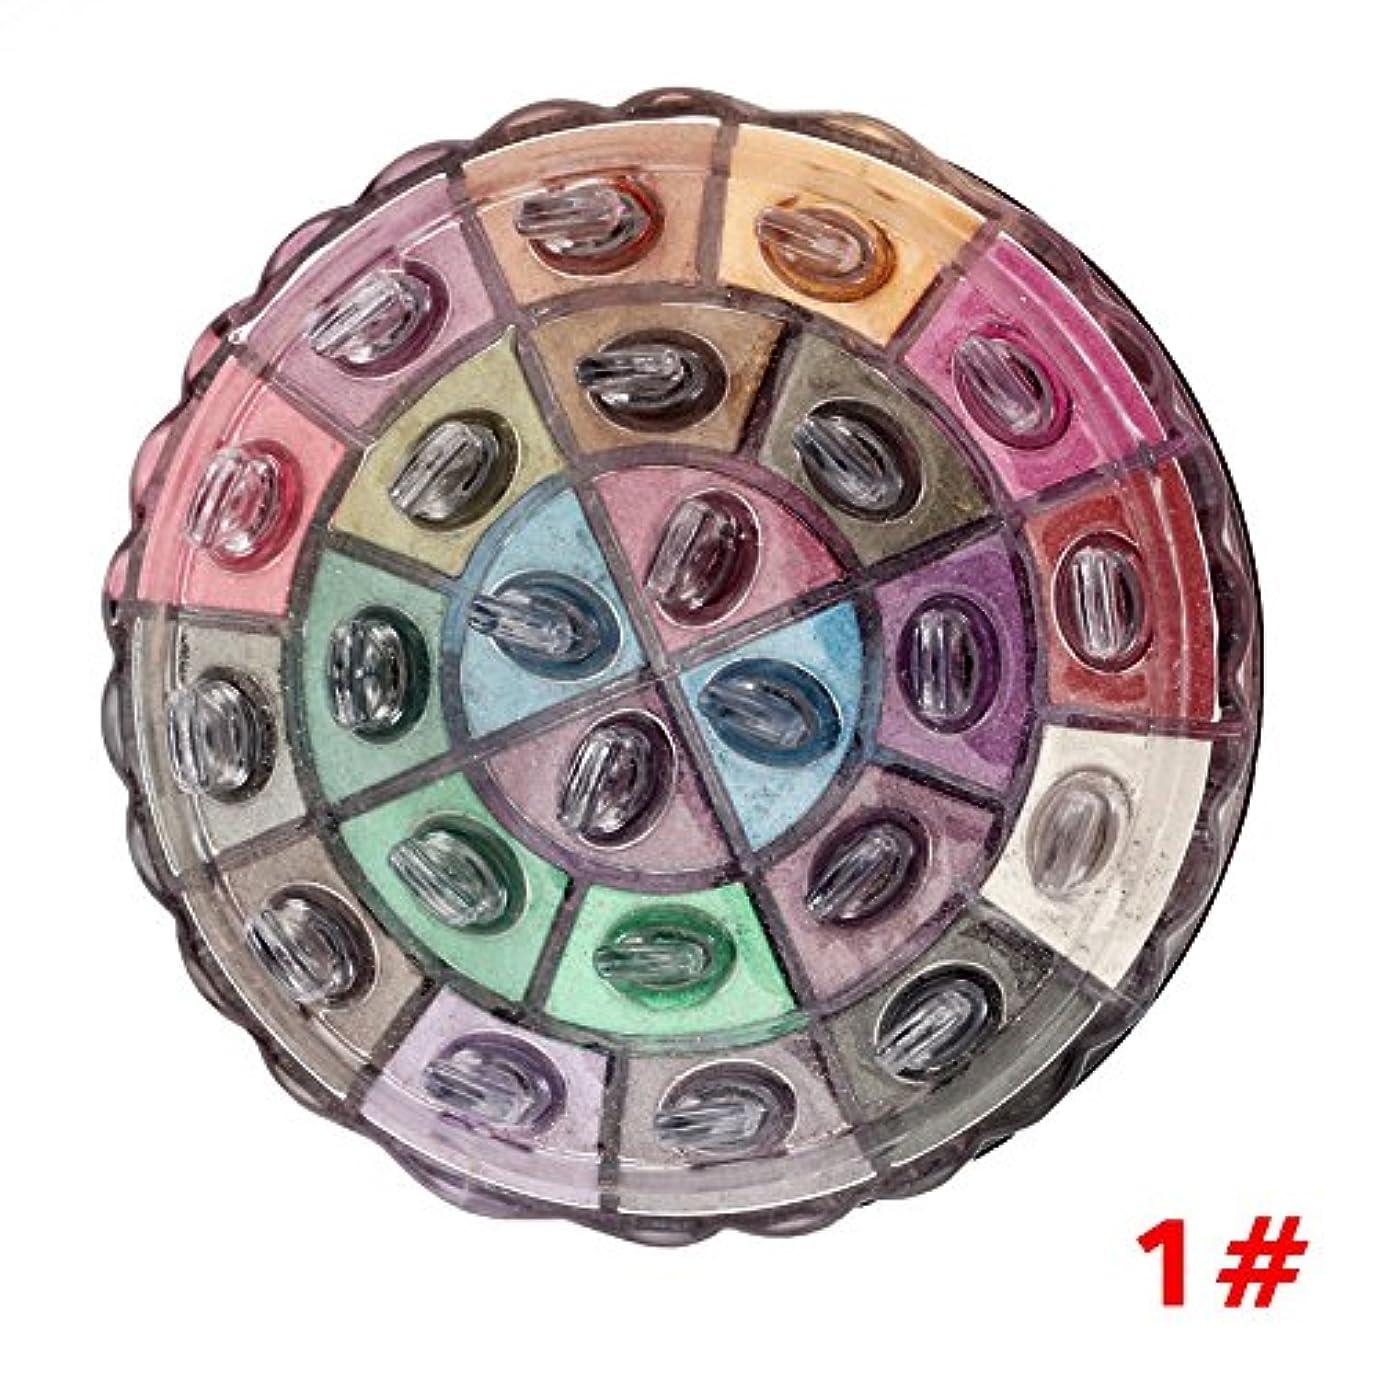 ぶら下がる未接続暴行24 colors glitter eyeshadow アイシャドウ powder naked palette dark smoky eyes flower mineral pigment shimmer eye shadow palette make up (#1)